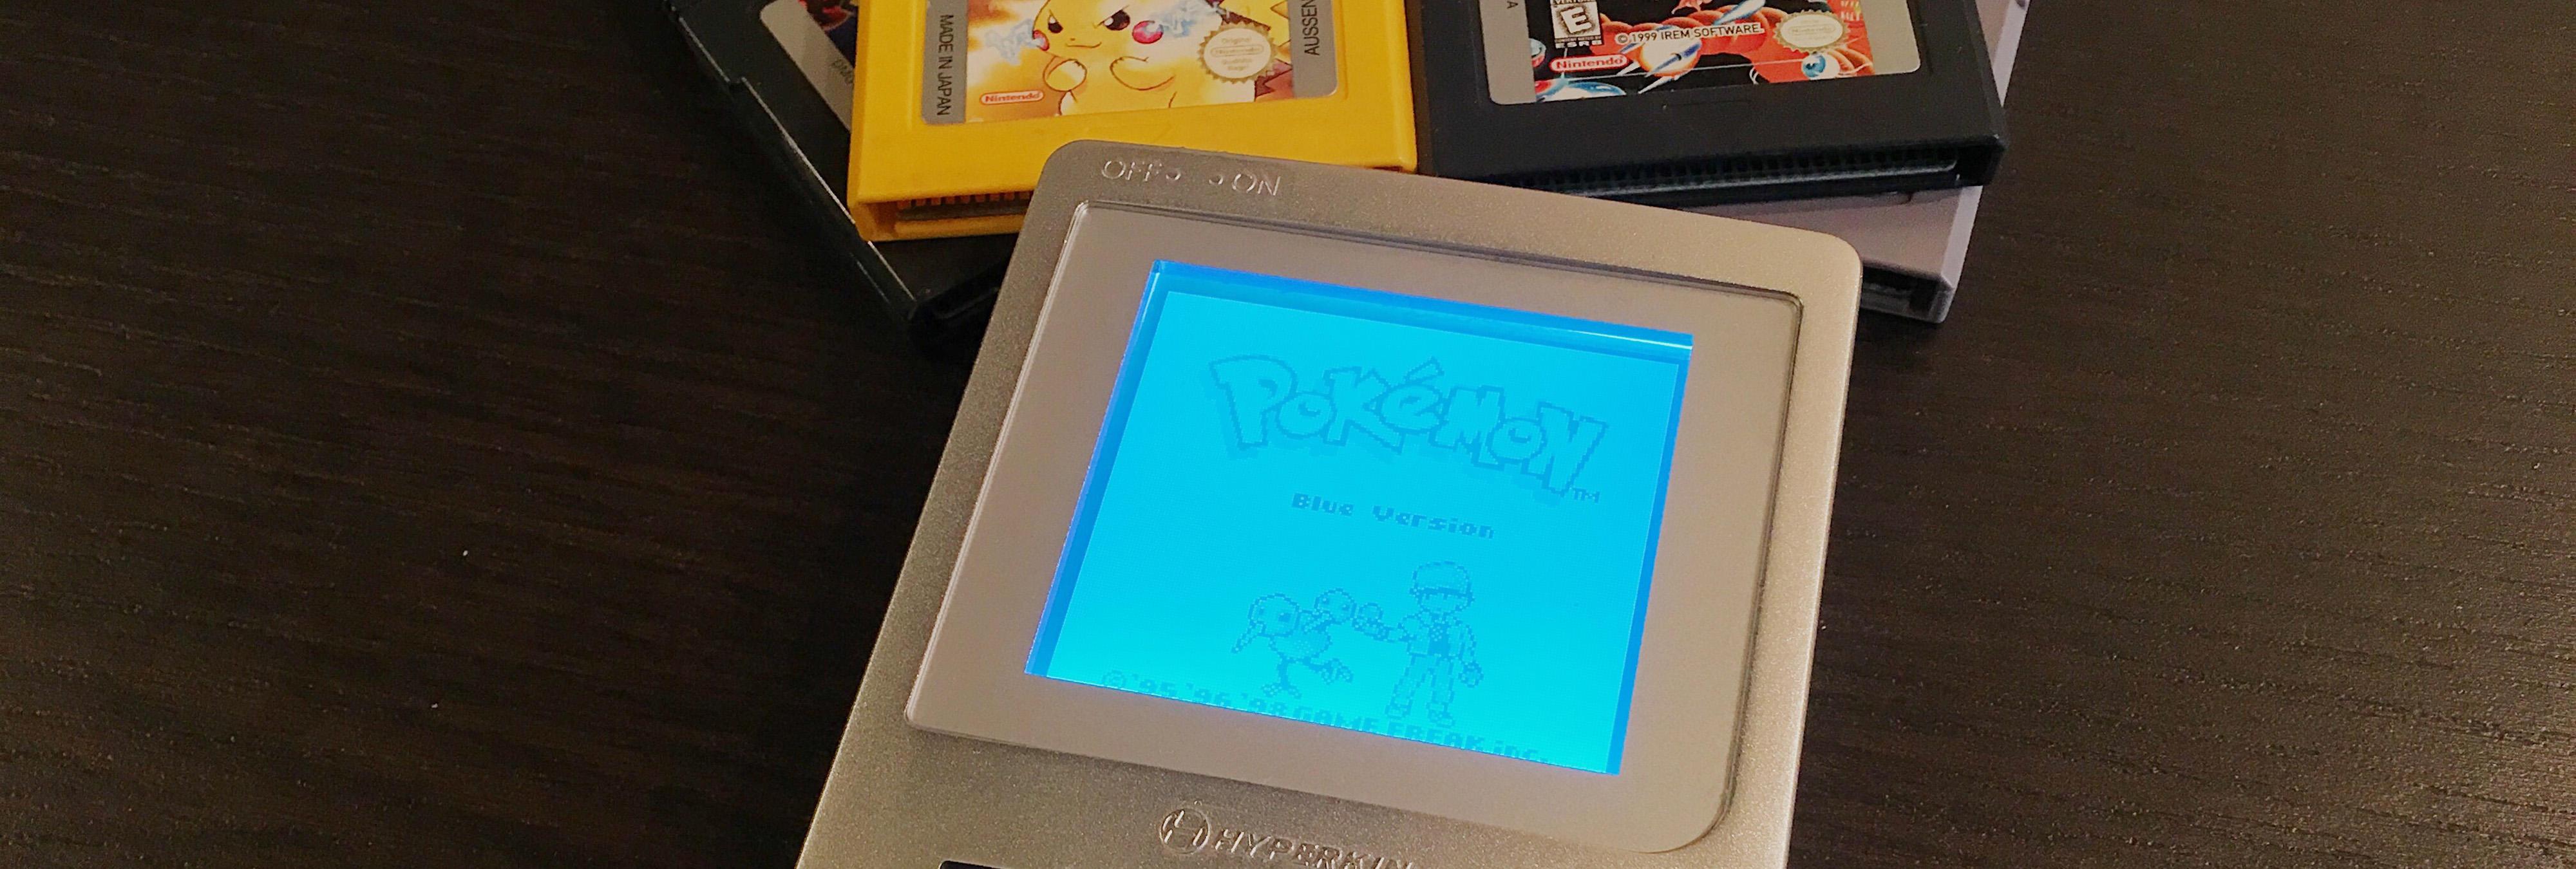 ¿Recuerdas la Game Boy original? Por fin vuelve a nuestras vidas